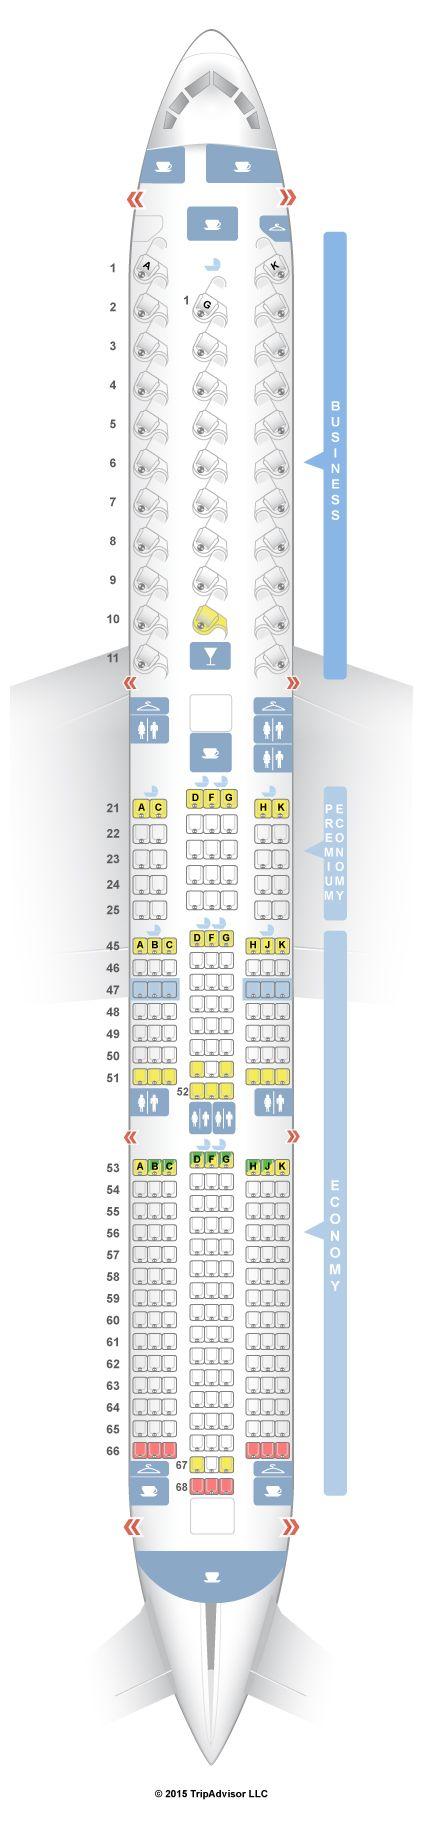 Virgin A380 Seating Plan